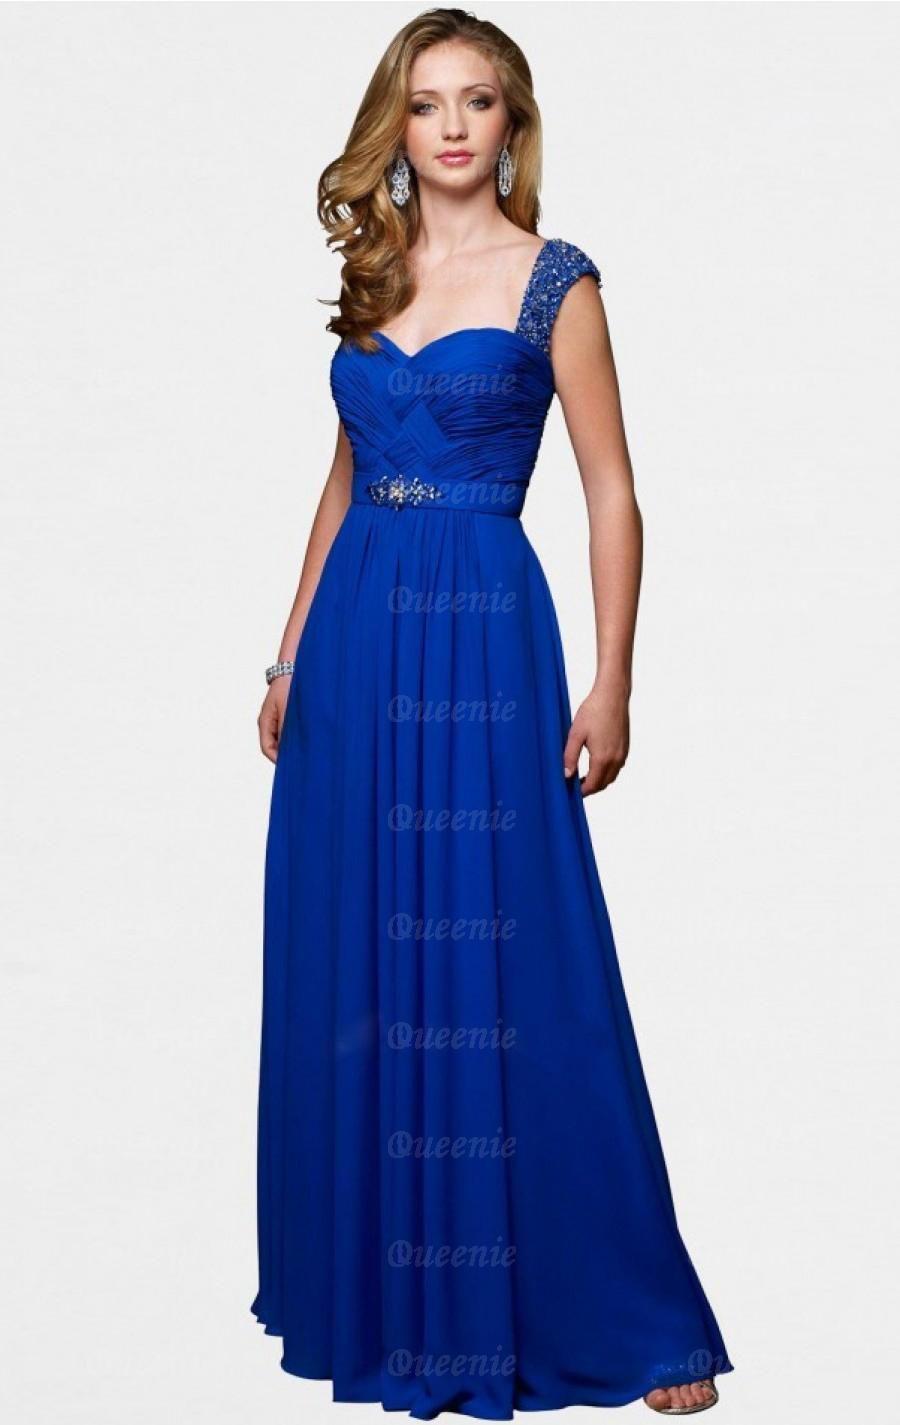 Royal blue dress images best dress ideas pinterest royal royal blue dress images ombrellifo Images